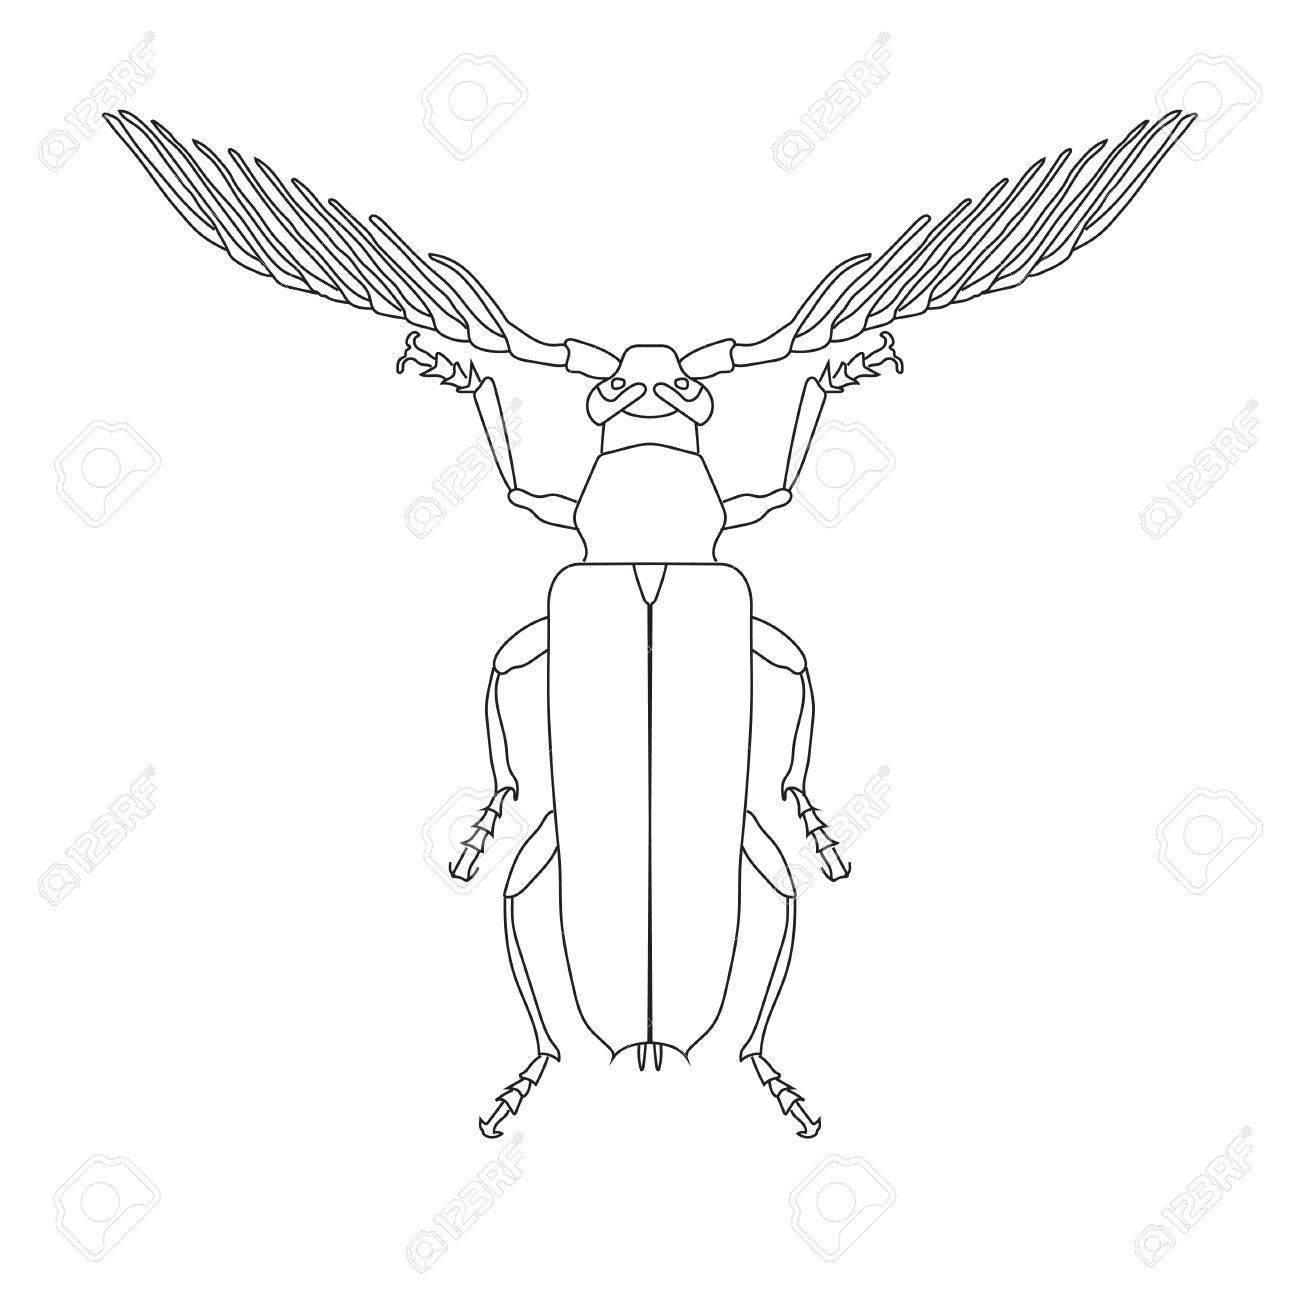 Skizze Des Skalbaggar Käfer. Skalbaggar Käfer Auf Weißem Hintergrund ...